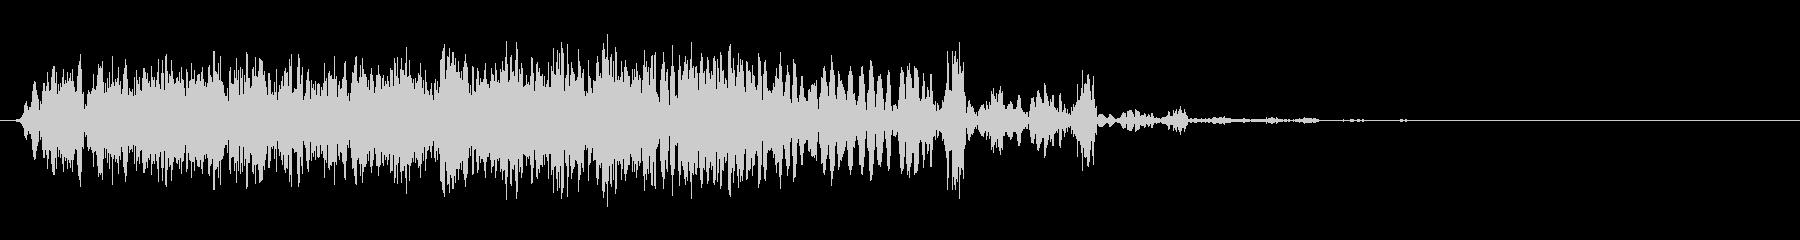 ガーターフラッターフーシュ2の未再生の波形